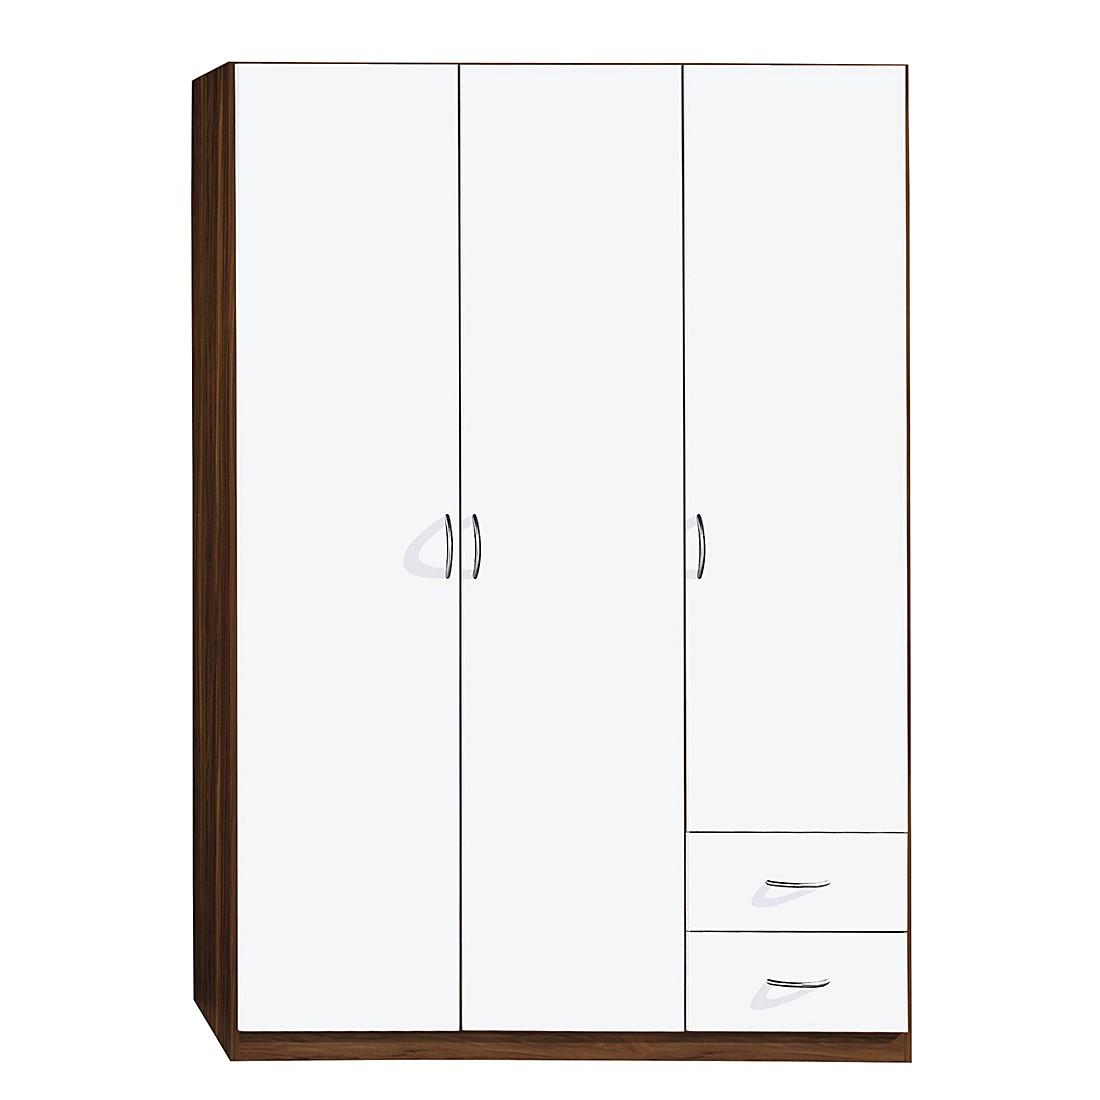 Drehtürenschrank Case II – Alpinweiß/Kernnuss Dekor – Schrankbreite: 91 cm – 2-türig – Standard Plus, Rauch Pack´s günstig kaufen